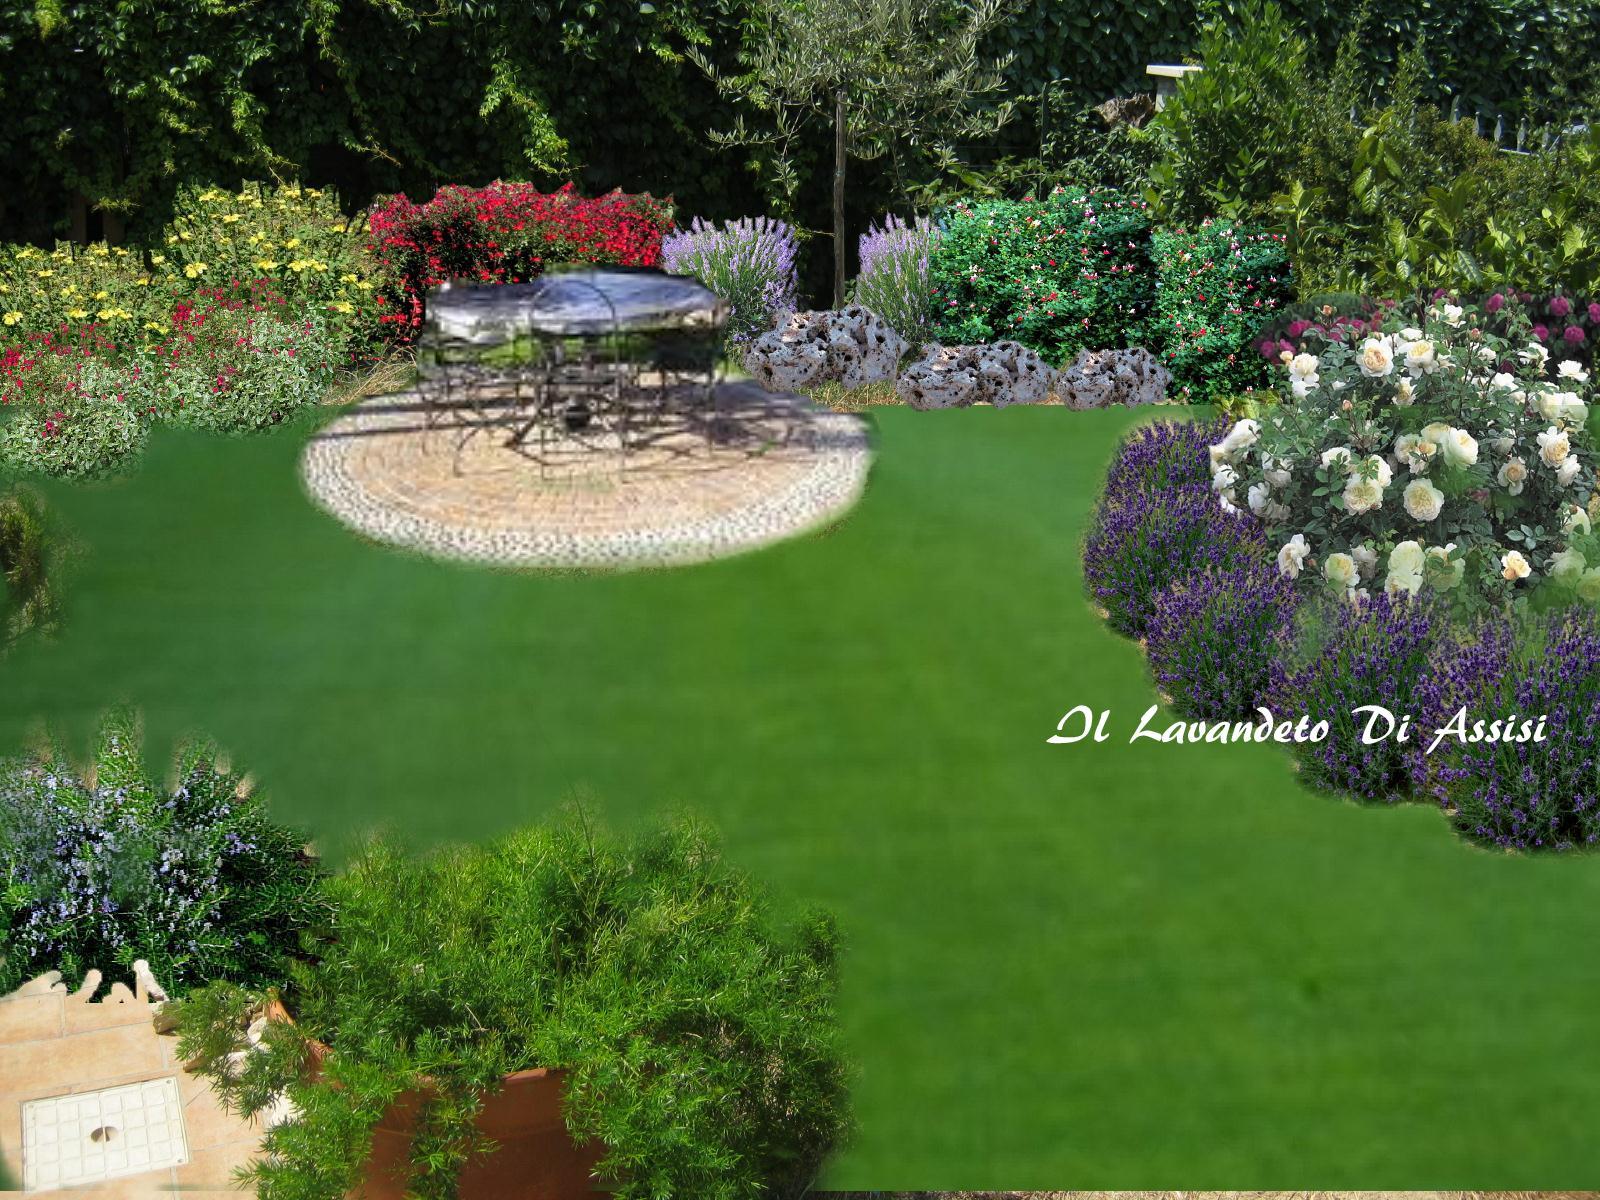 Progettazione giardini privati progetti giardini immagini for Giardini progetti